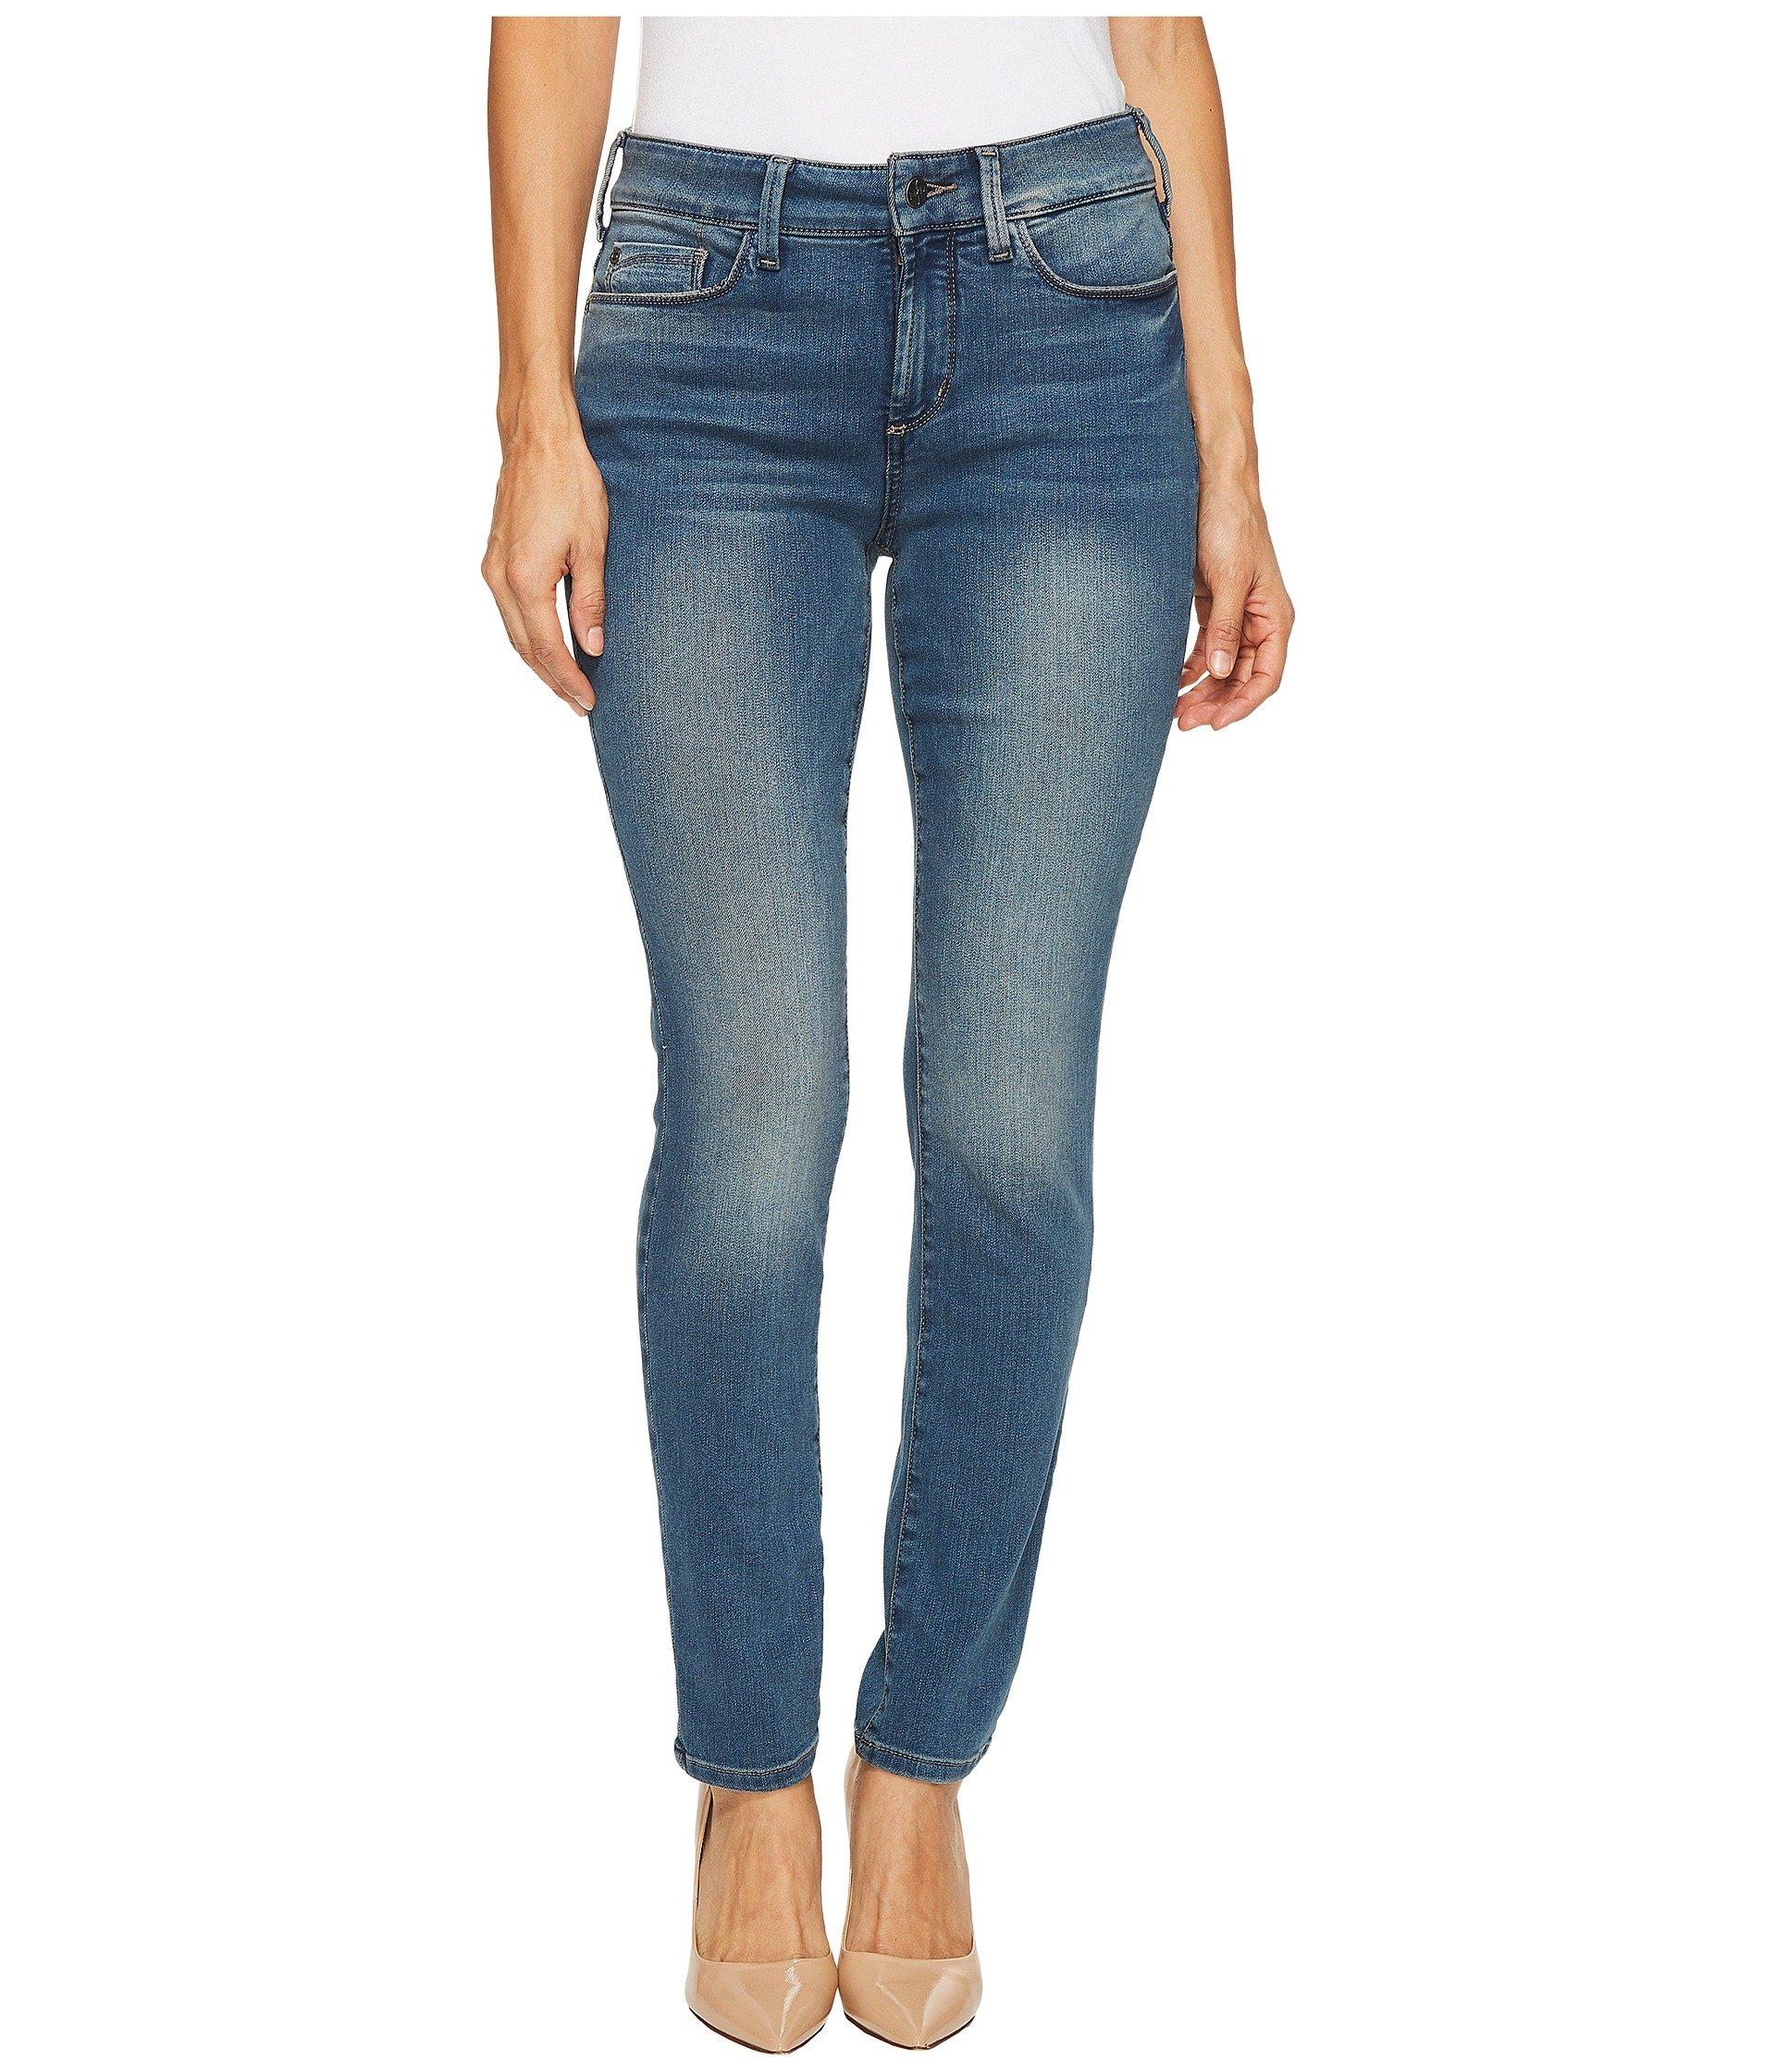 NYDJ Women's Petite Uplift Alina Legging in Future Fit Denim, Ferris, 6P